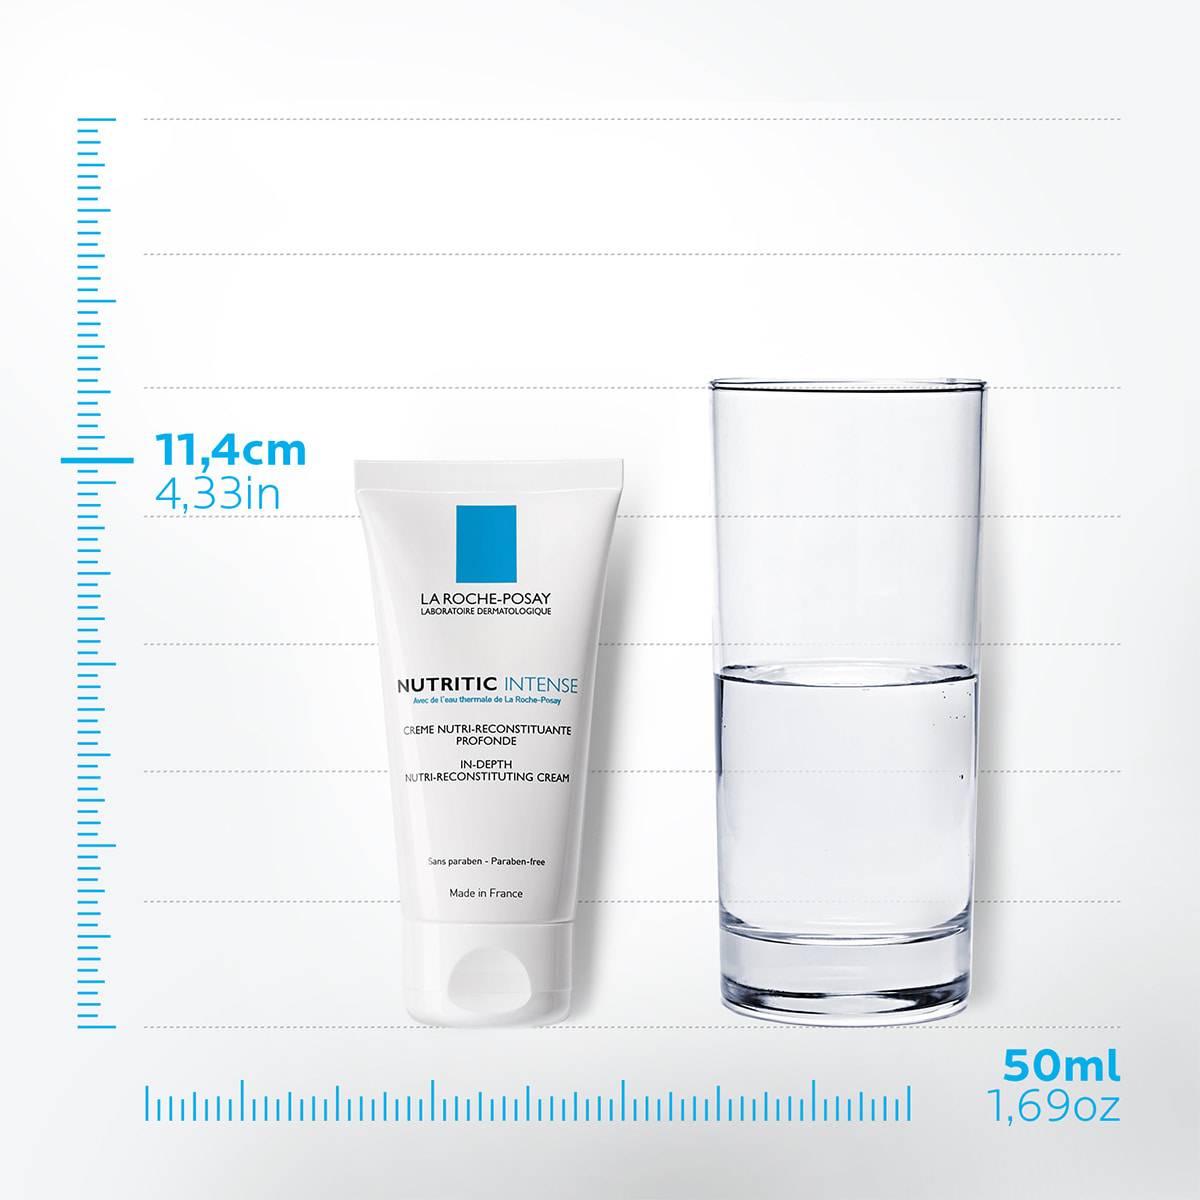 La Roche Posay StránkaProduktu Péče o obličej Nutritic Intense Krém 50ml 33378